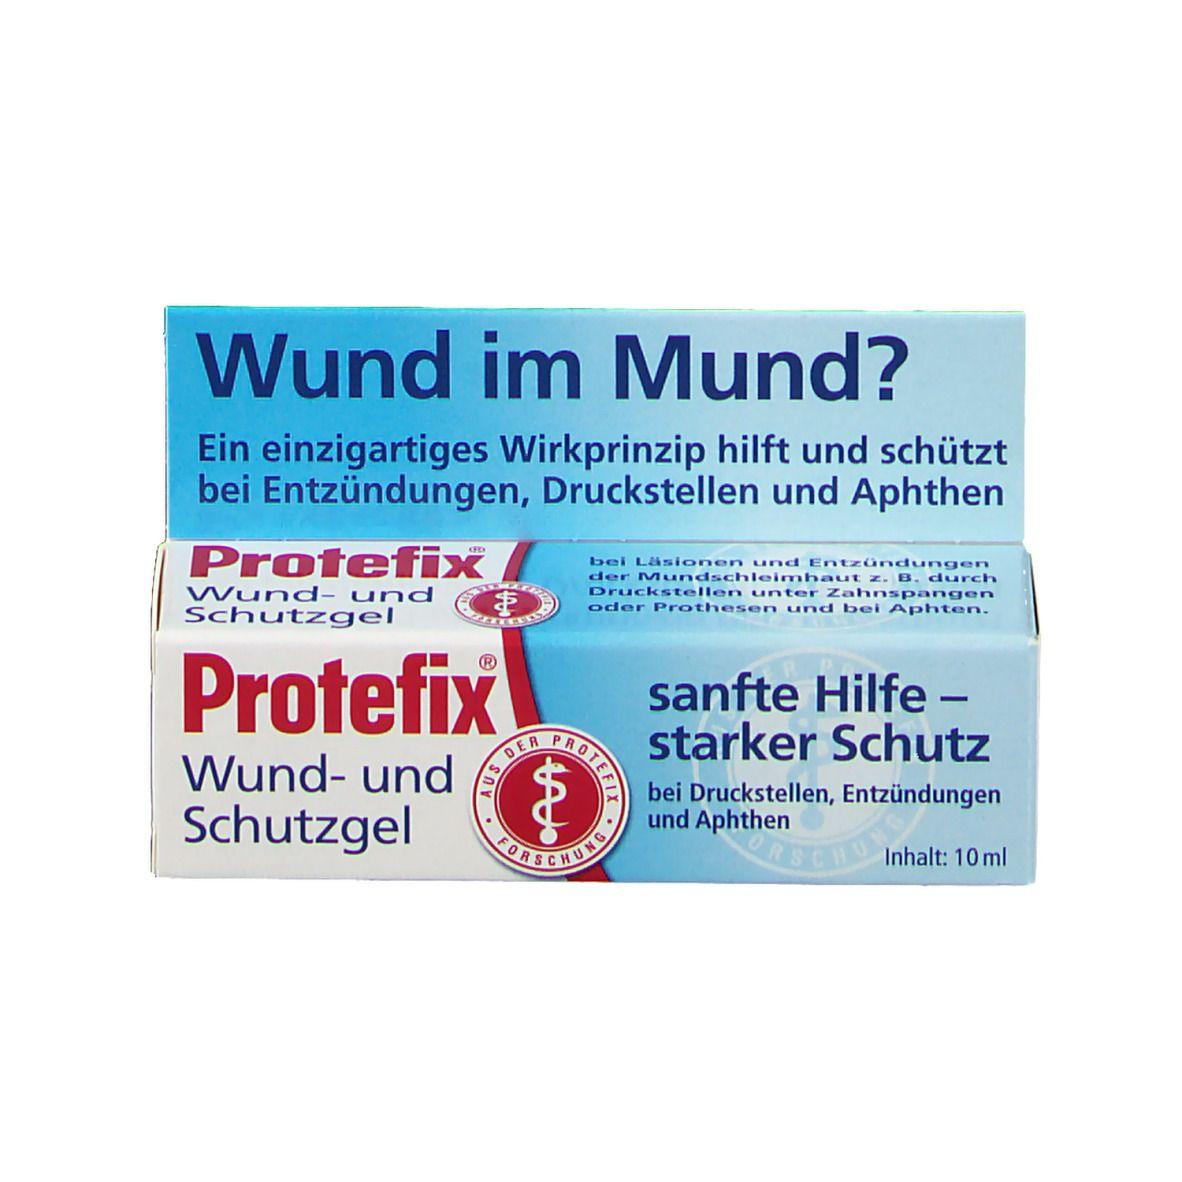 Protefix® Wund- und Schutzgel